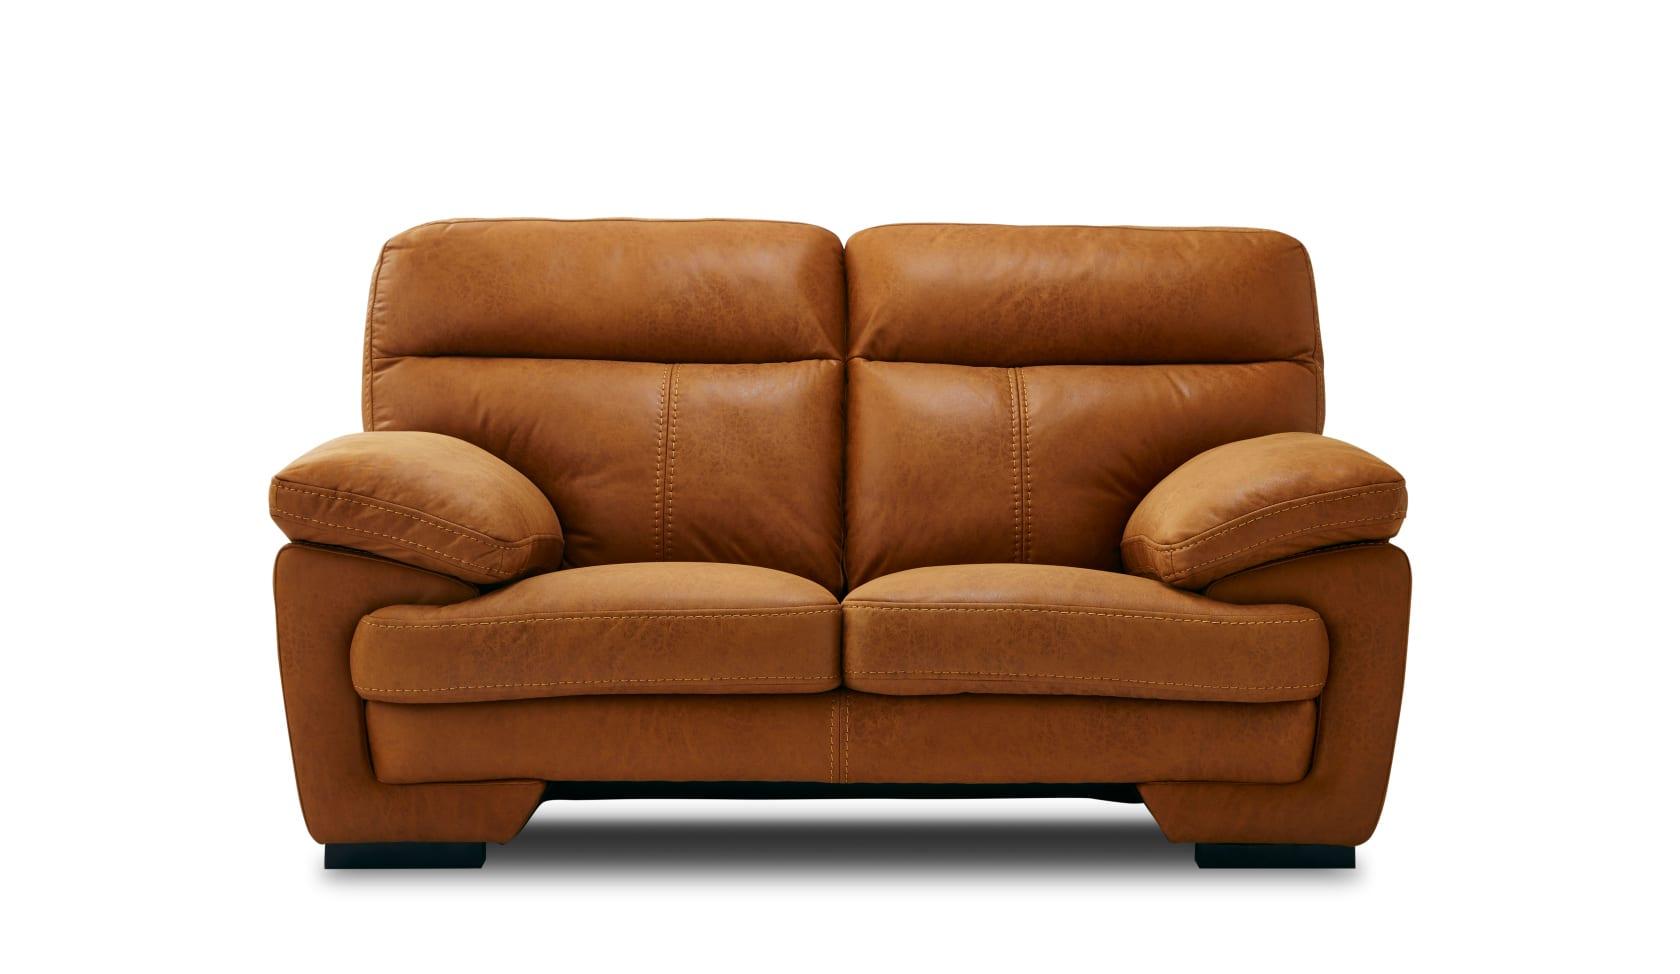 2人掛けソファー イゾラ キャメル:◆新素材「レザーテックス」を使用したソファー